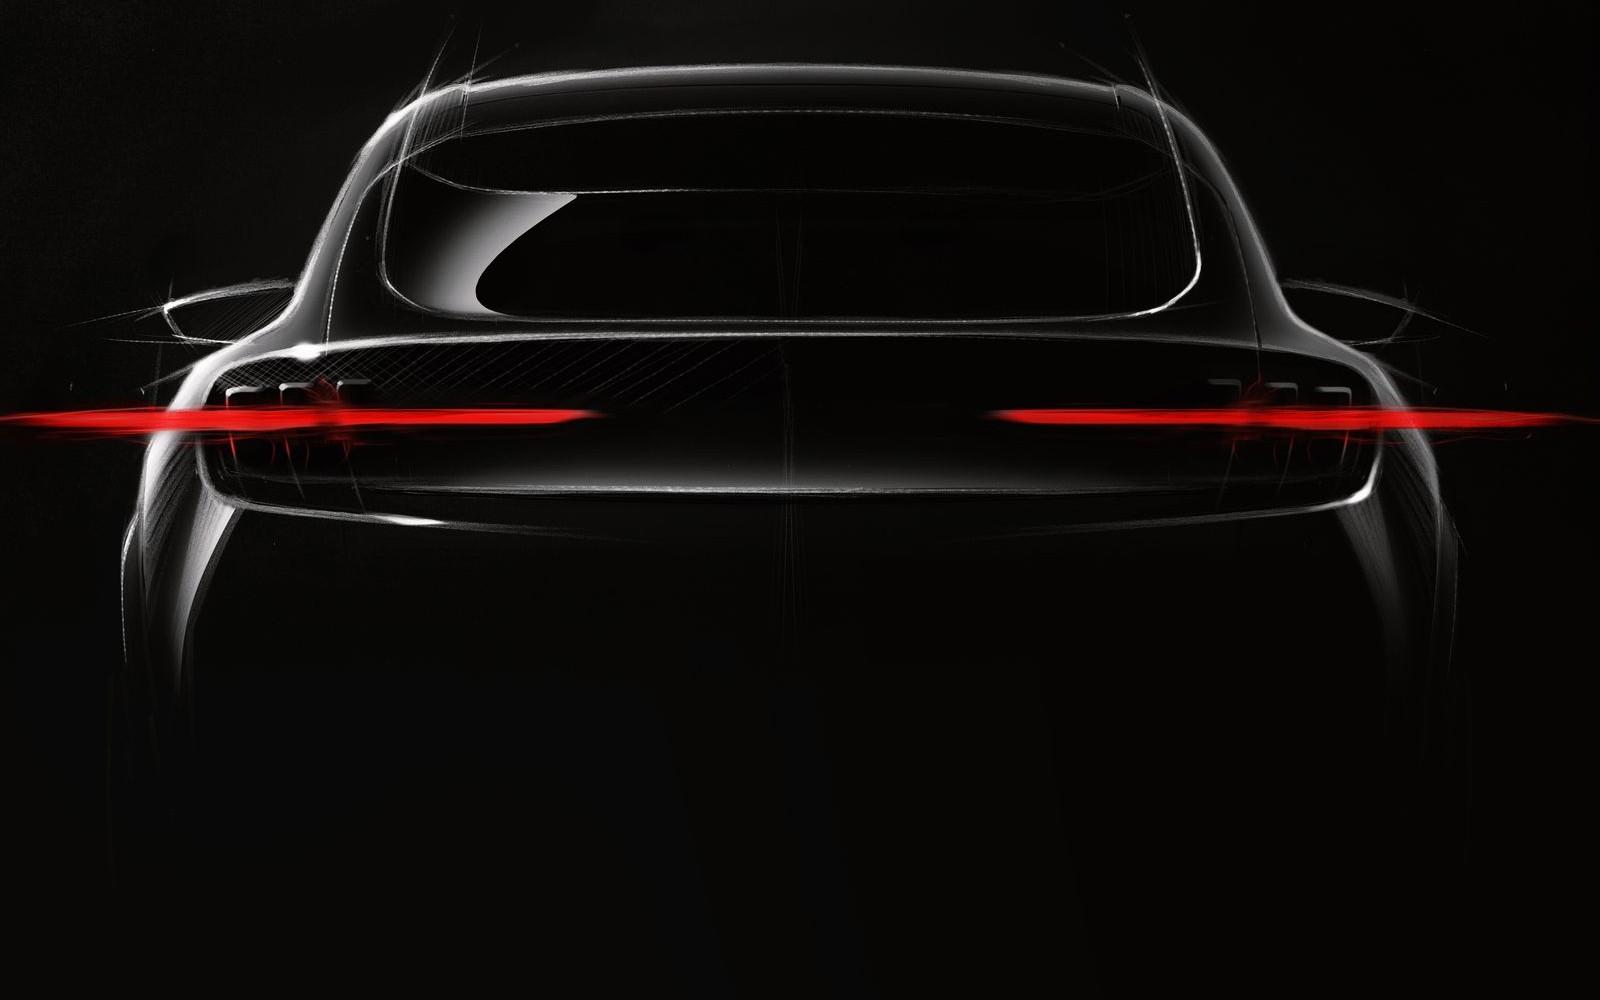 Тизер нового электрического кроссовера Ford, который дебютирует в 2020 году